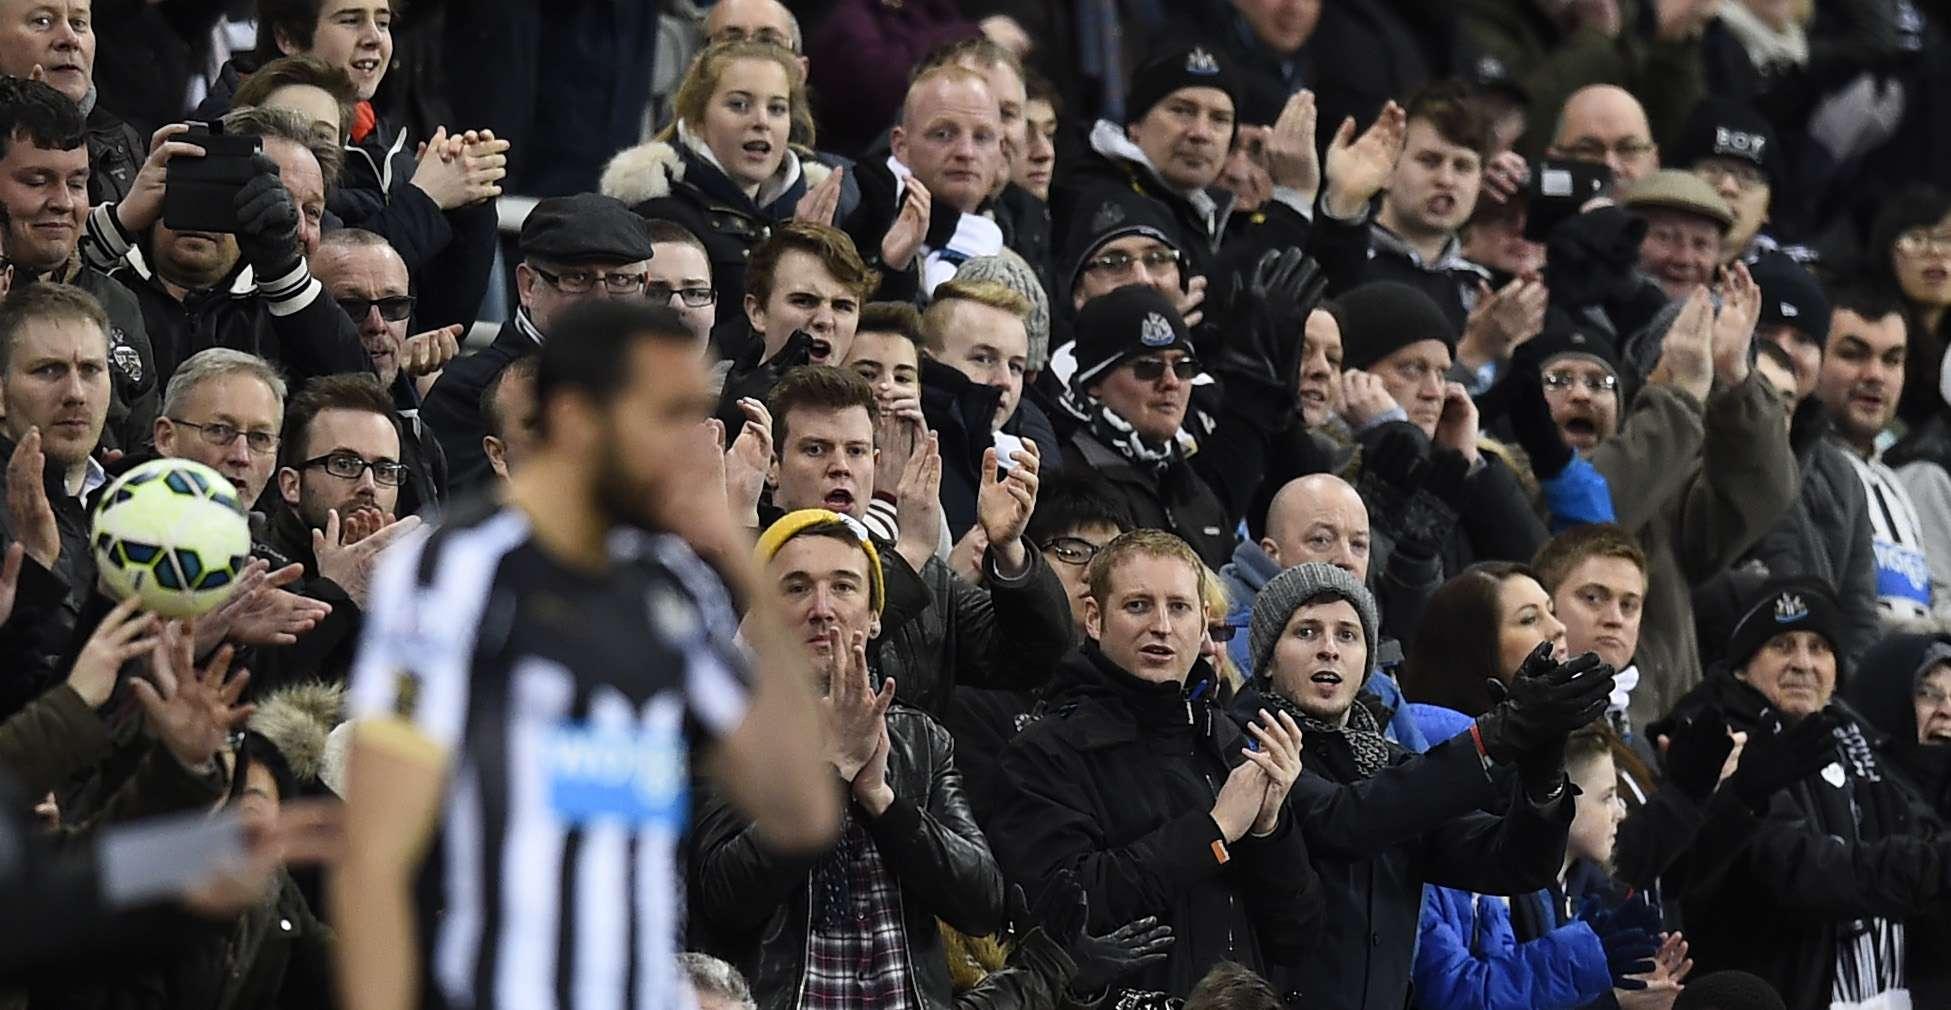 Los hinchas aplauden a Jonás. Foto: Reuters en español